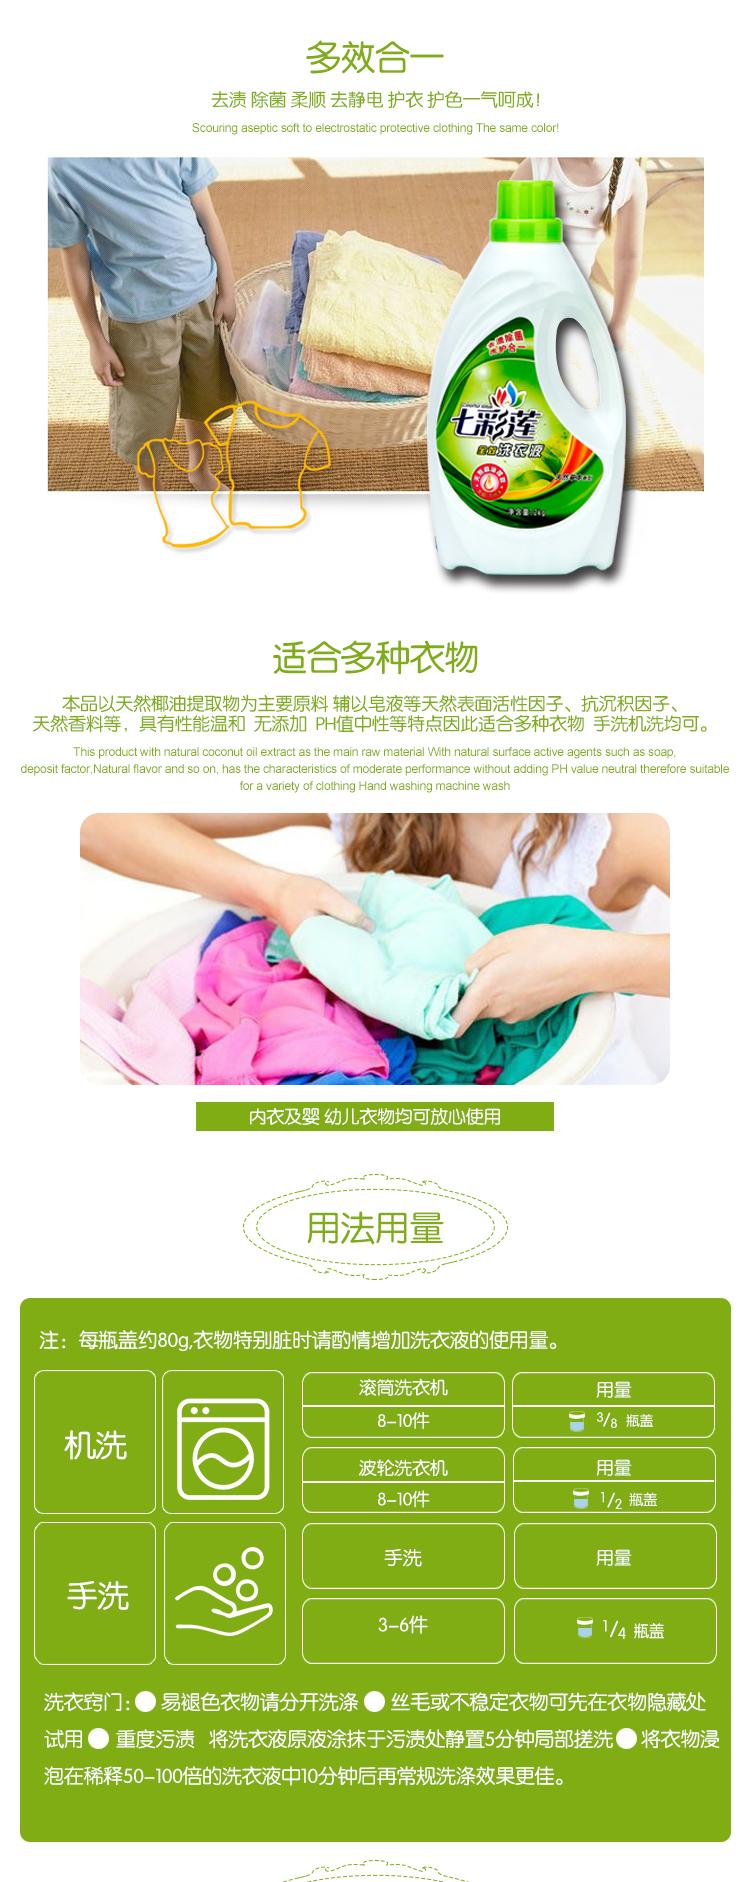 七彩莲全效洗衣液2kg(天然草本香型)评价